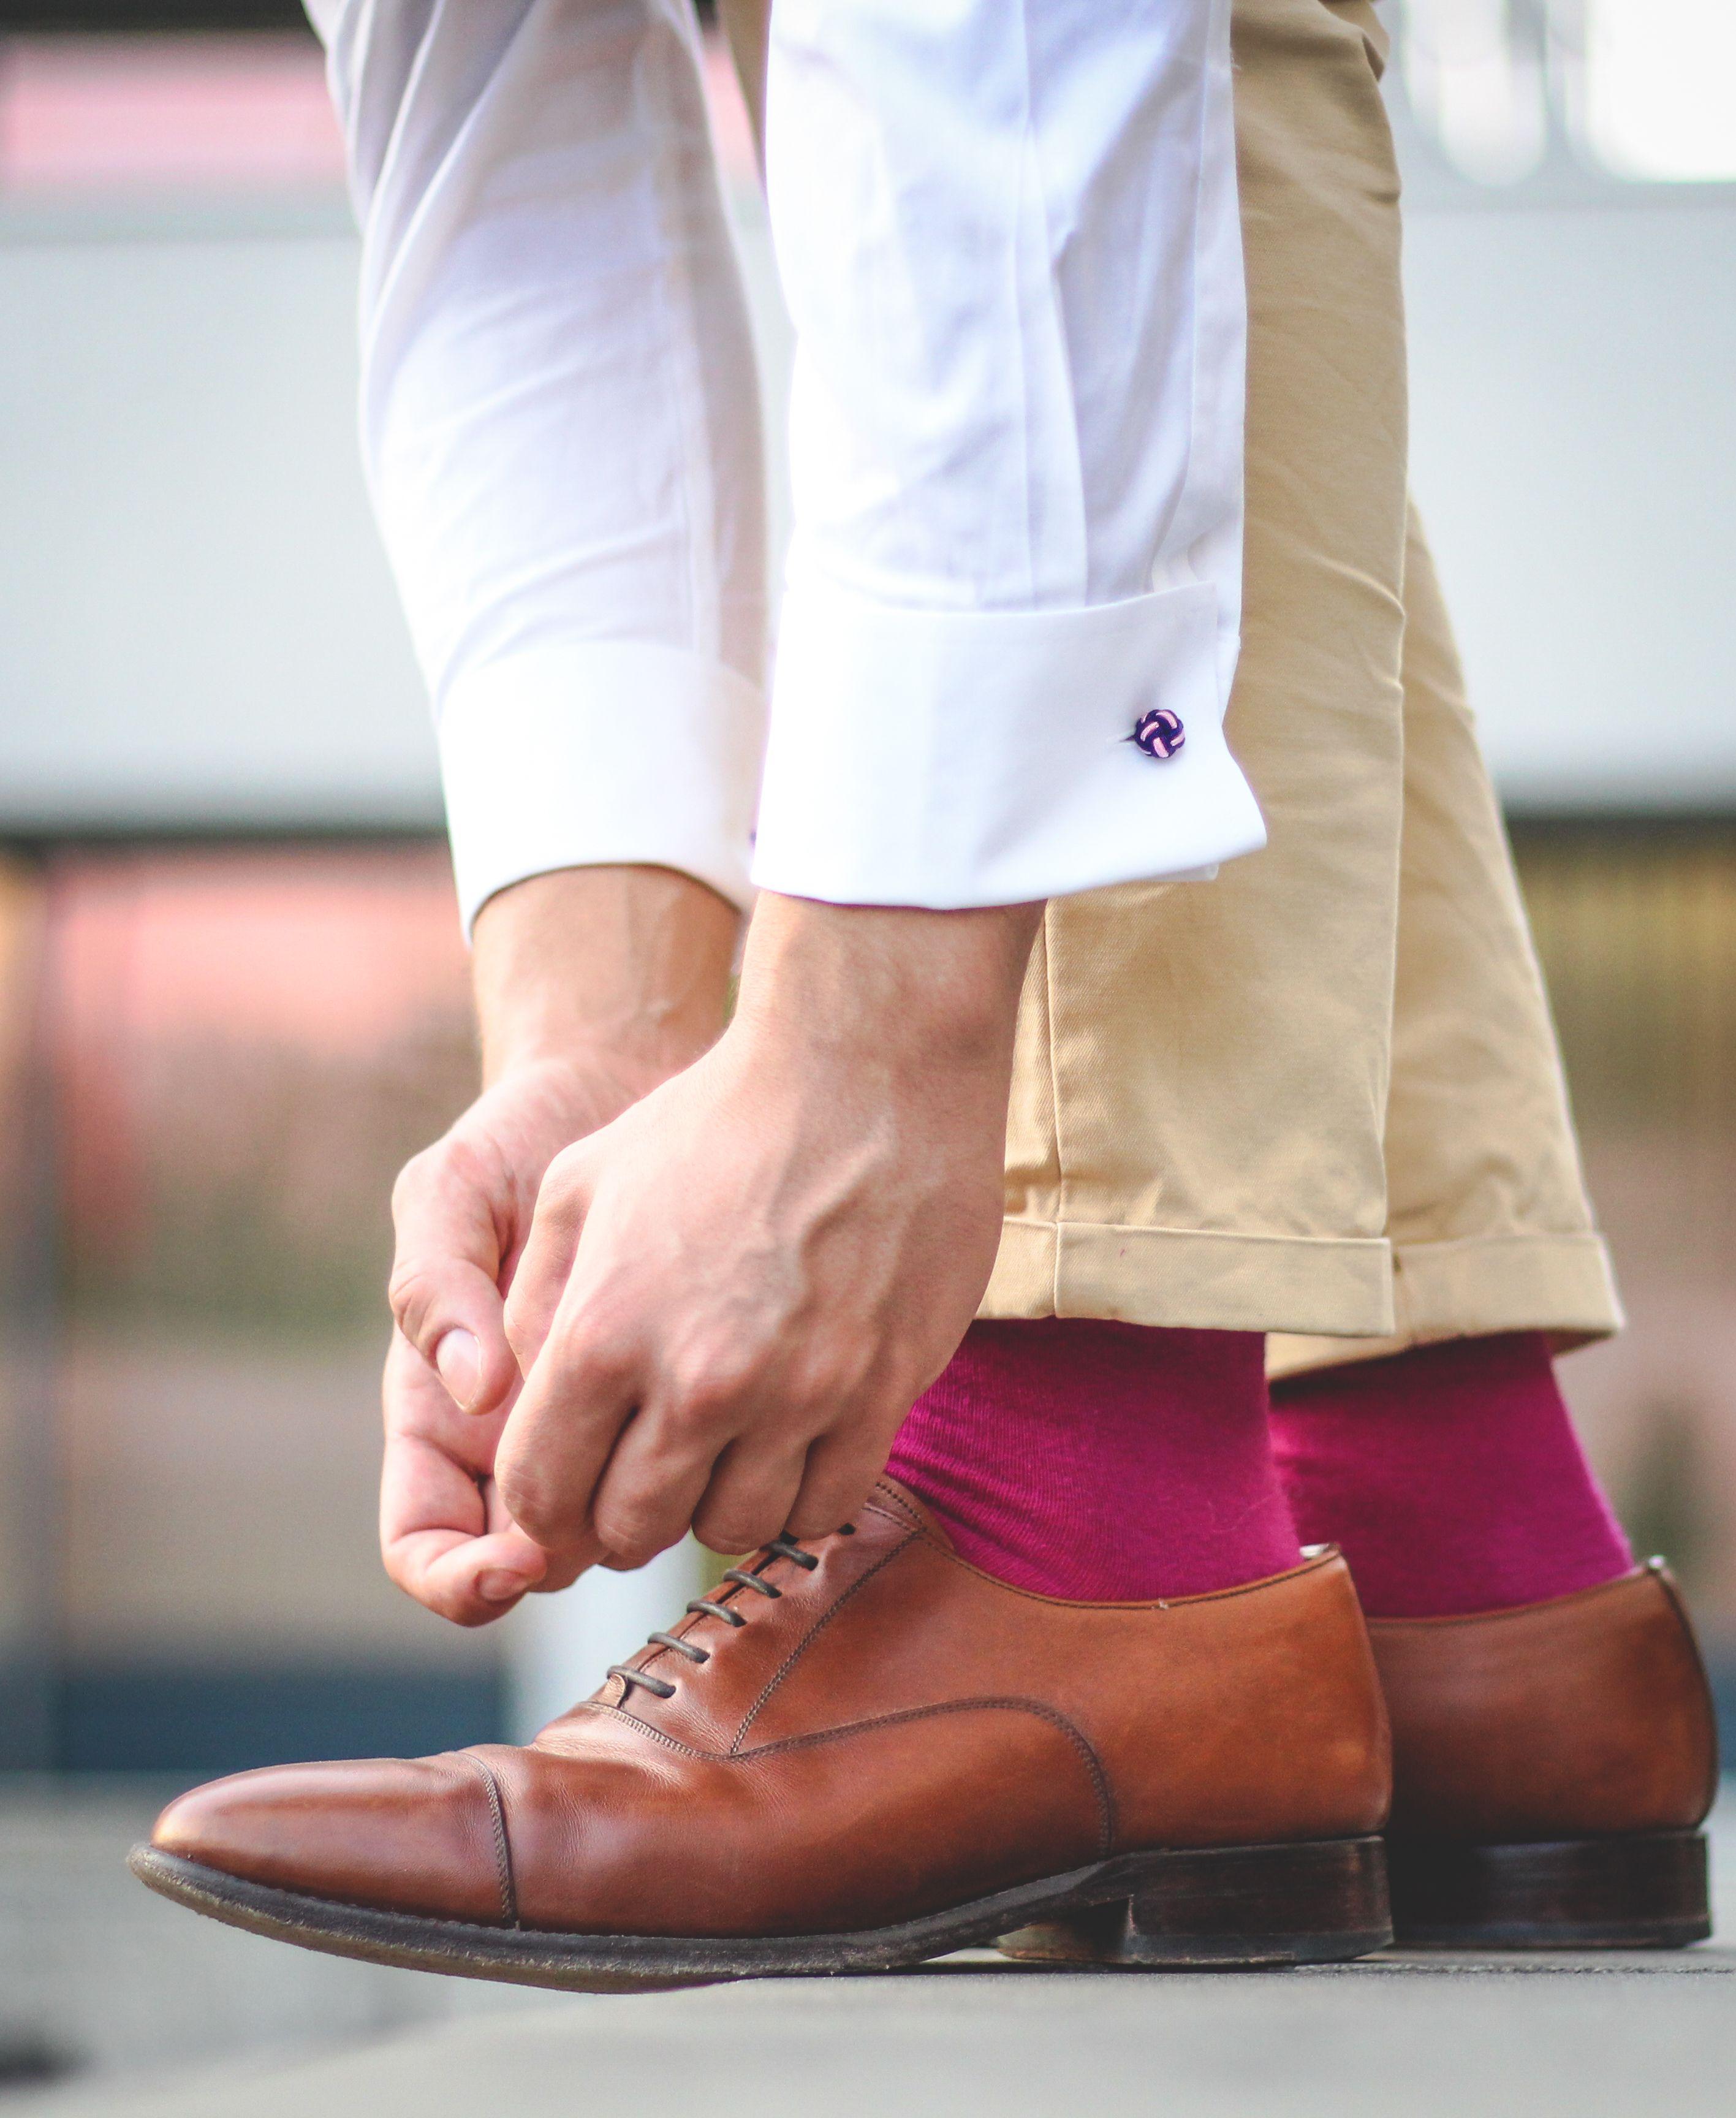 Herren Socken In Pink Zu Braunen Schuhen Bunte Socken Socken Herren Socken